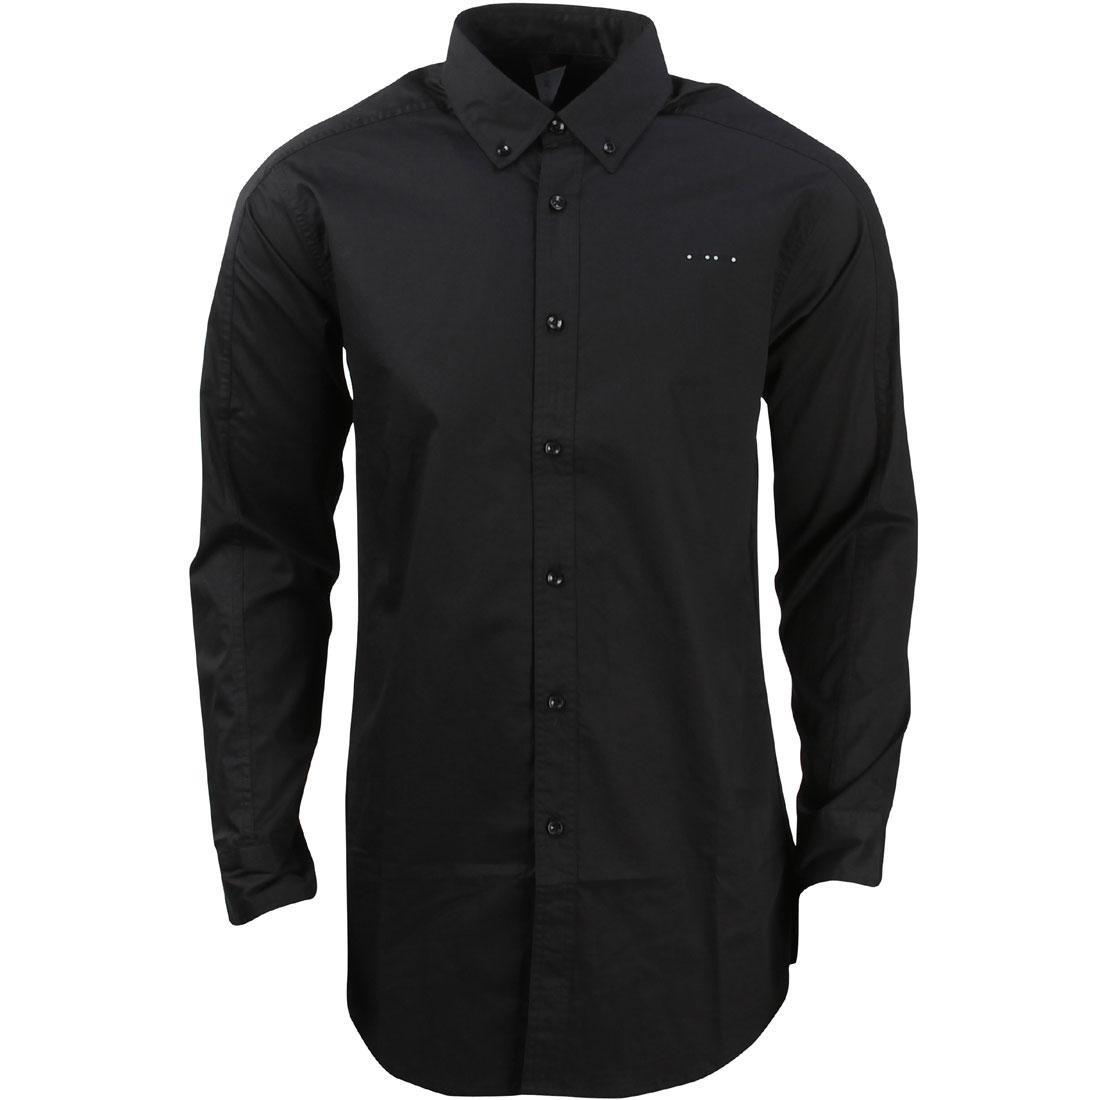 【海外限定】パブリッシュ メンズファッション カジュアルシャツ 【 PUBLISH MEN FORNAX BUTTON UP SHIRT BLACK 】